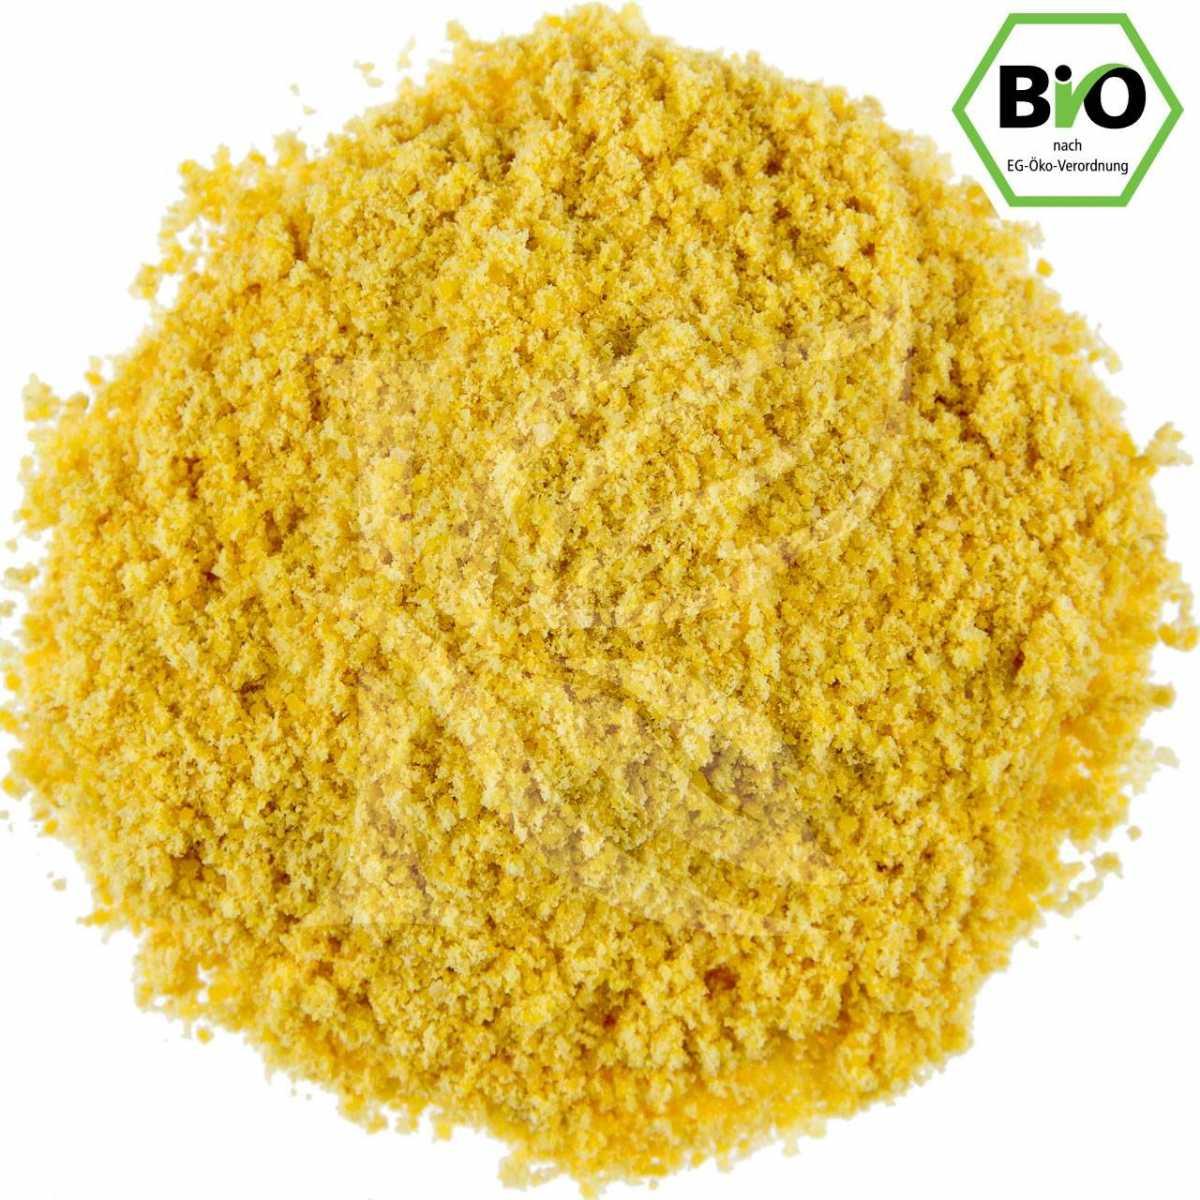 gemahlener Senf, gelb, Bio in unserem Onlineshop kaufen